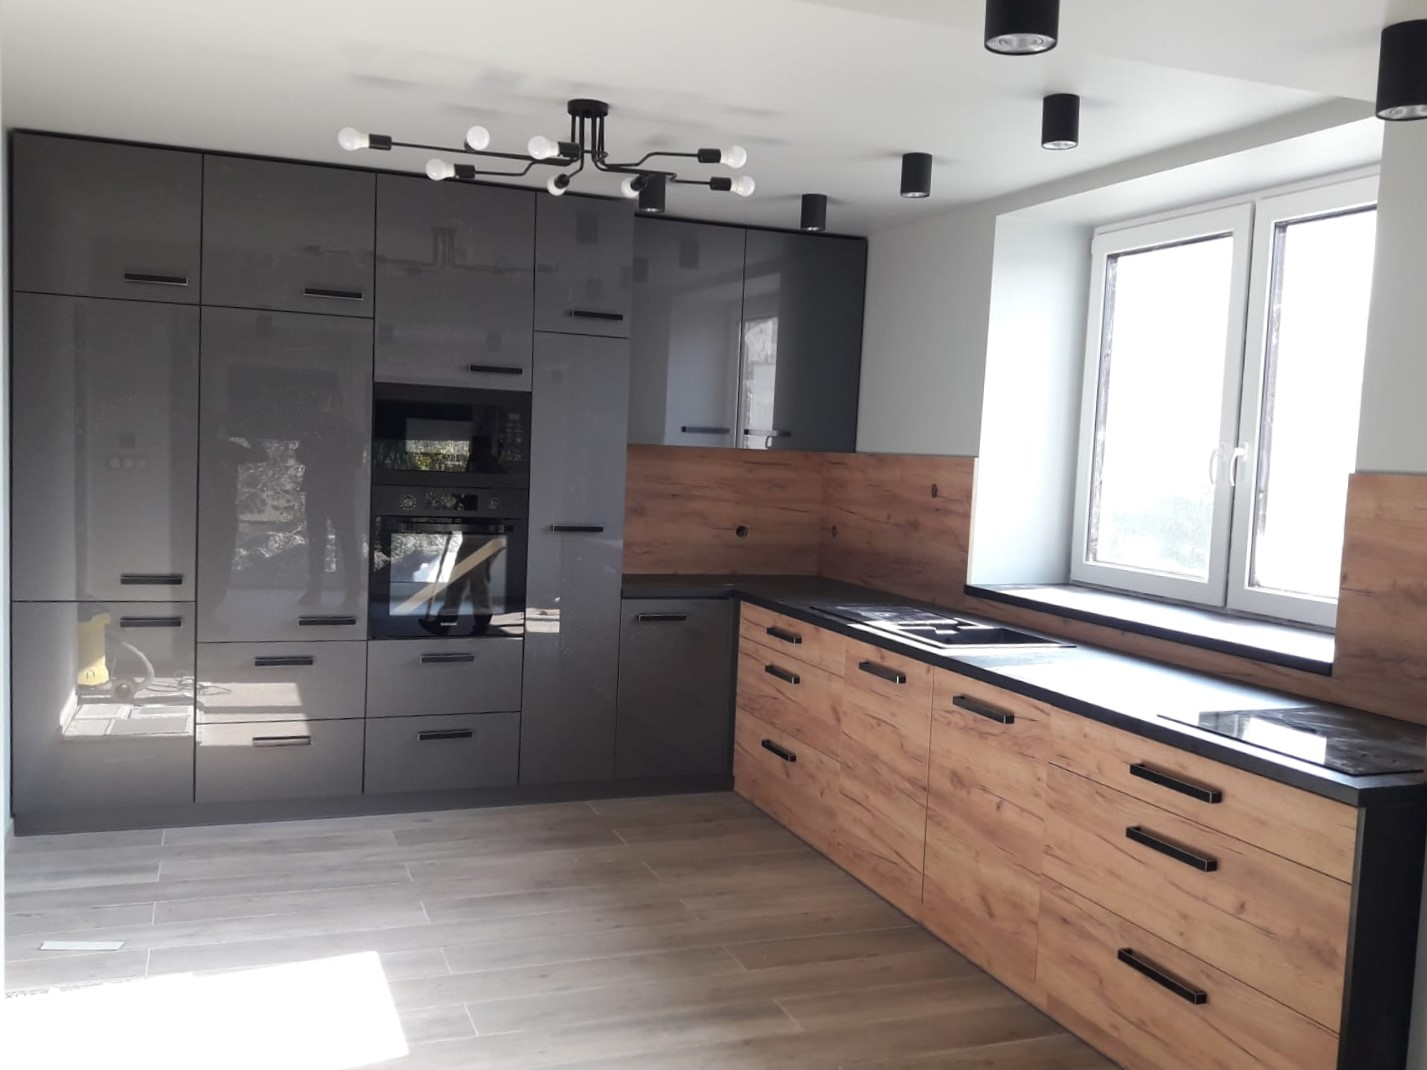 Kuchnia na wymiar, fronty akrylowe i drewnopodobne